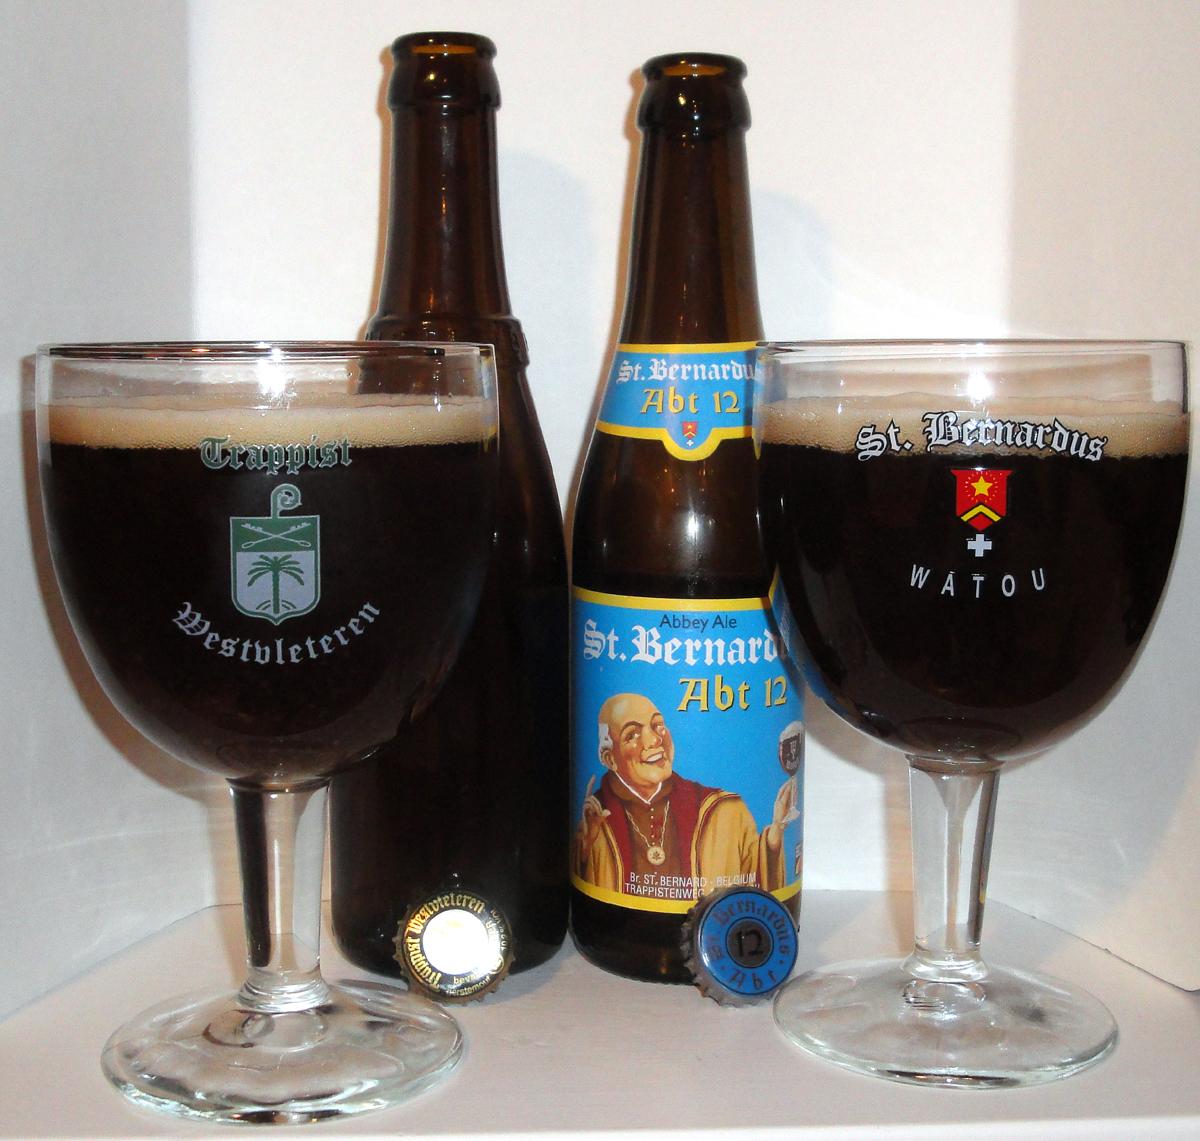 Westvleteren 12 Vs St Bernardus Abt 12 The Beer Stocked